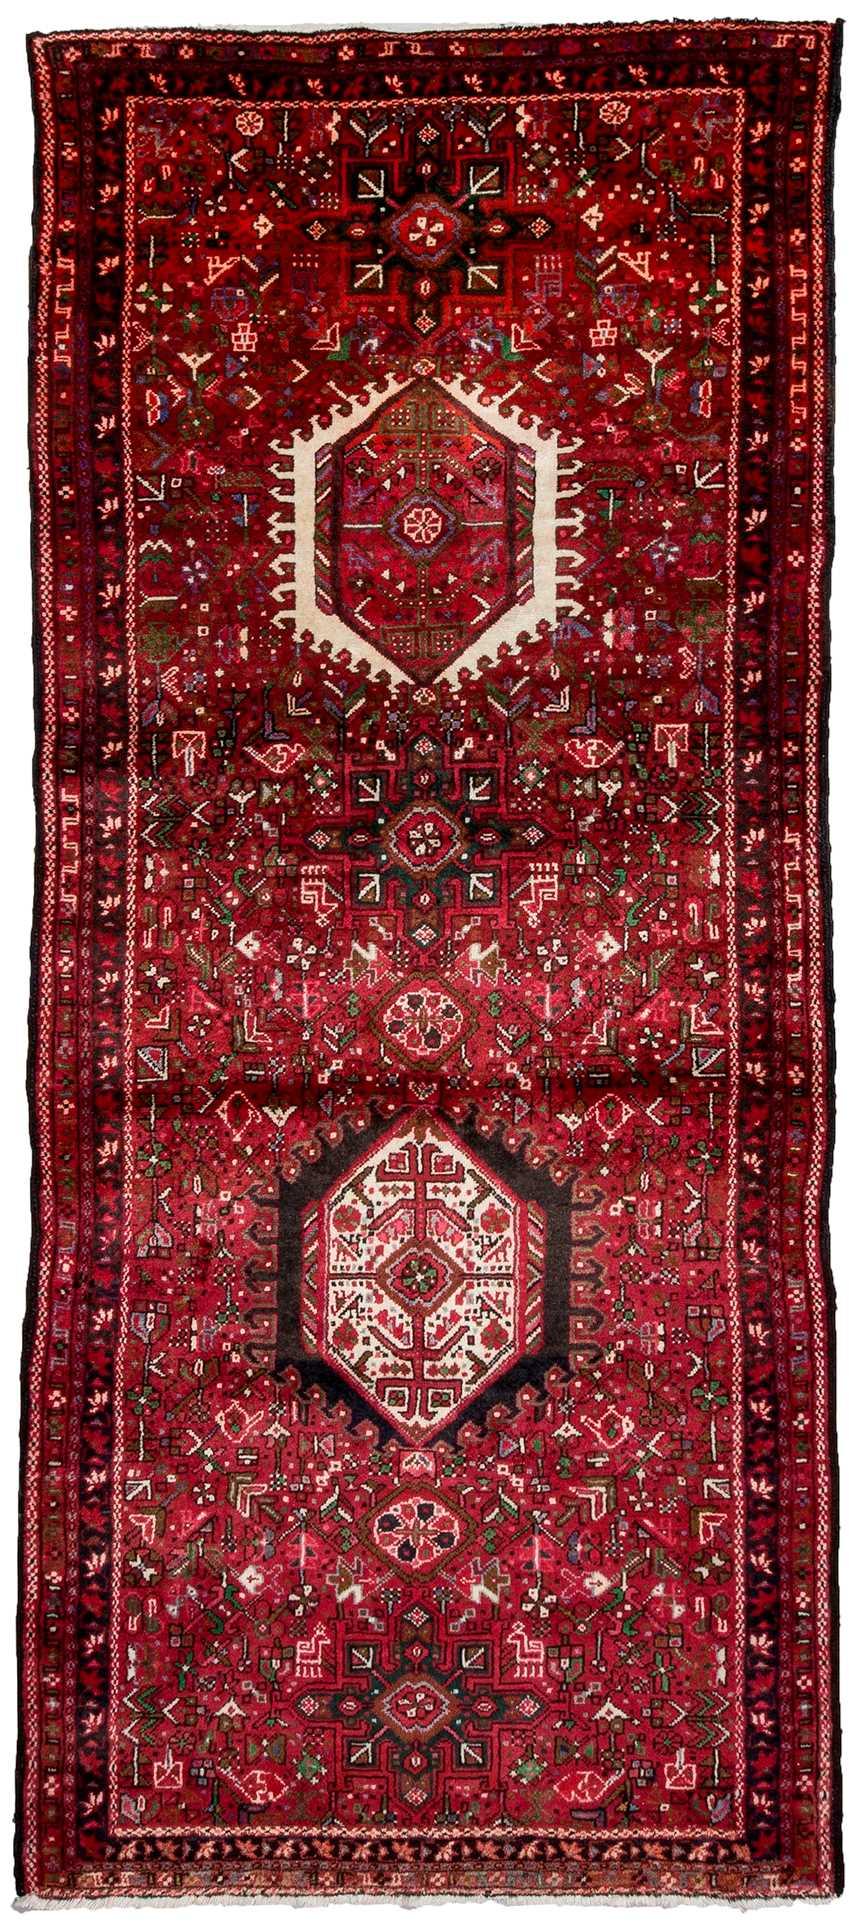 Vintage Rugs Persian Rugs Heriz Runner Rugs Carpet From Iran